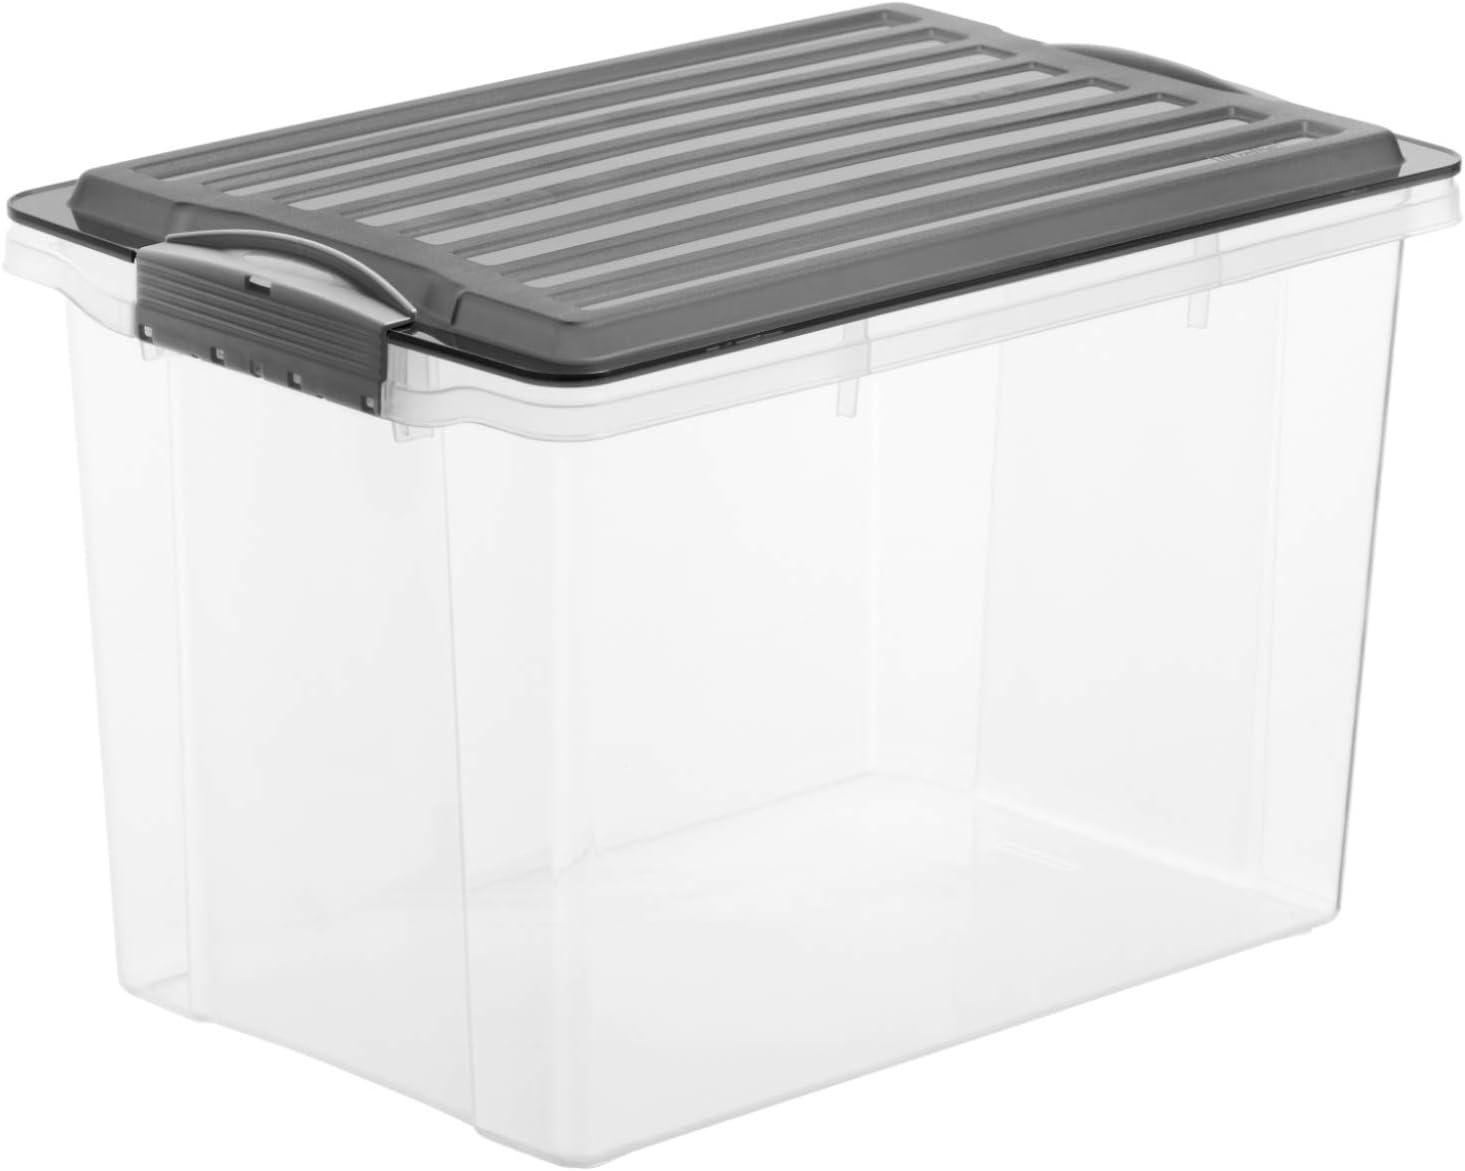 Rotho–Caja para Guardar Compact Transparente con Tapa, plástico, Transparente y Gris, A4 Hoch / 19 l